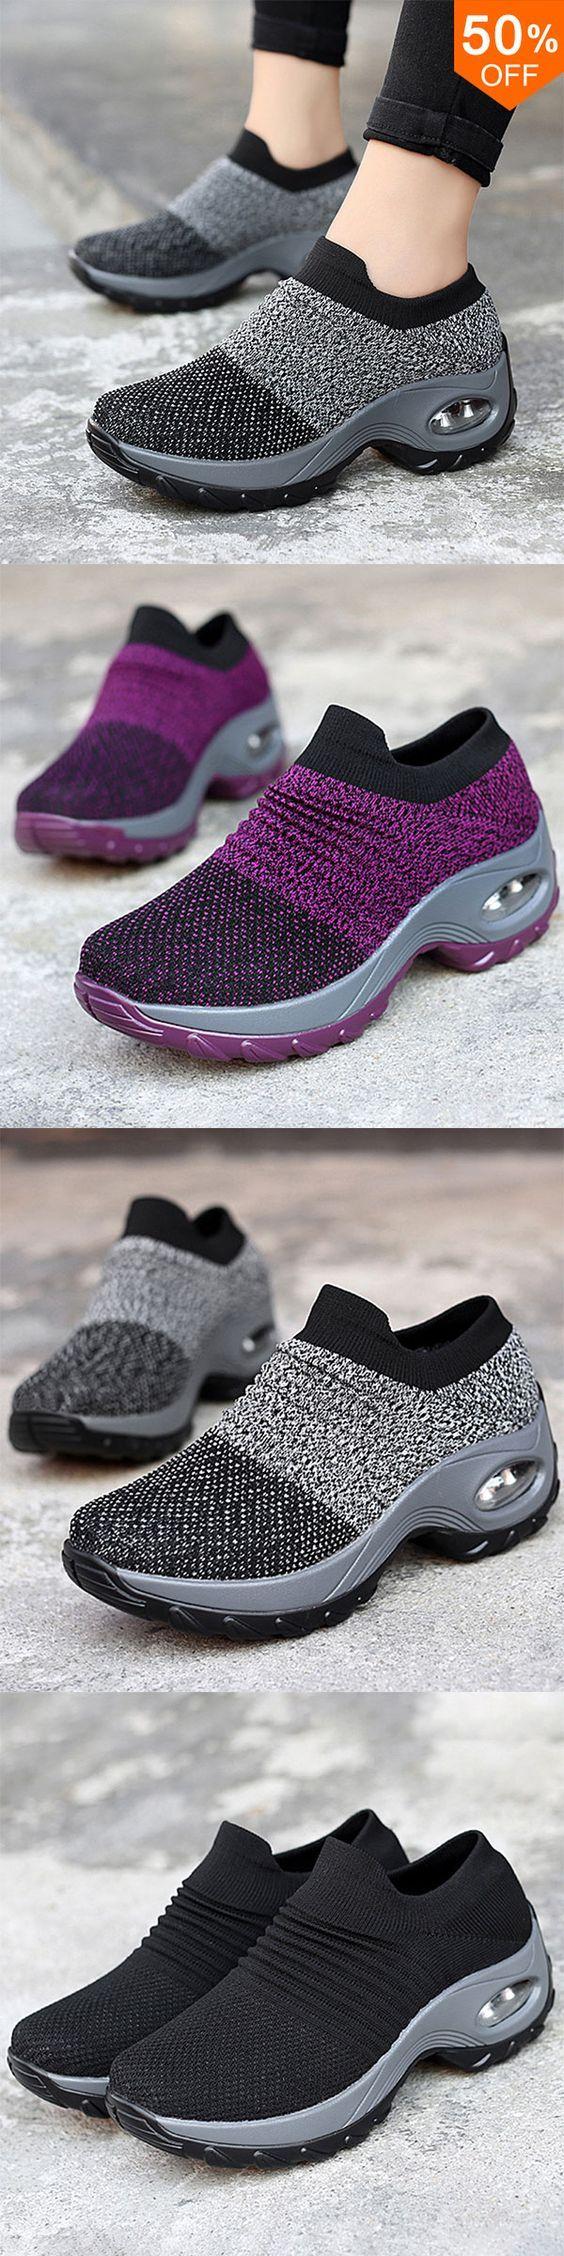 Envío gratis y hasta 70% de descuento. Encuentra zapatos de mujer más cómodos   – SHOES BEAUTIFUL SHOES